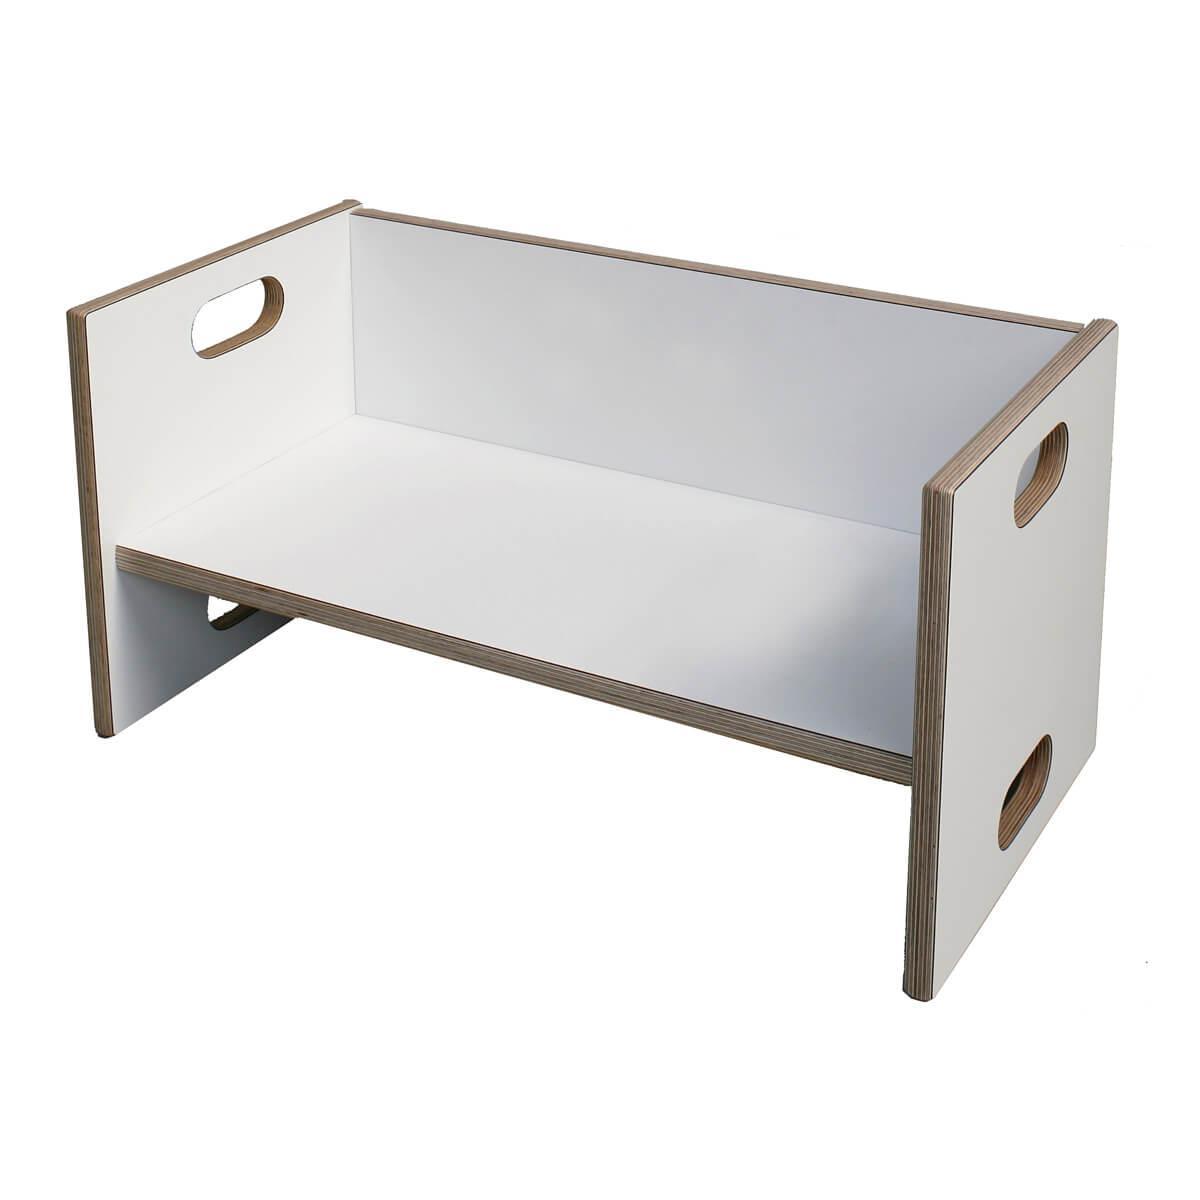 Wandelbank DECOR Debreuyn  - Multiplex weiß HPL  - Sitzfläche weiss